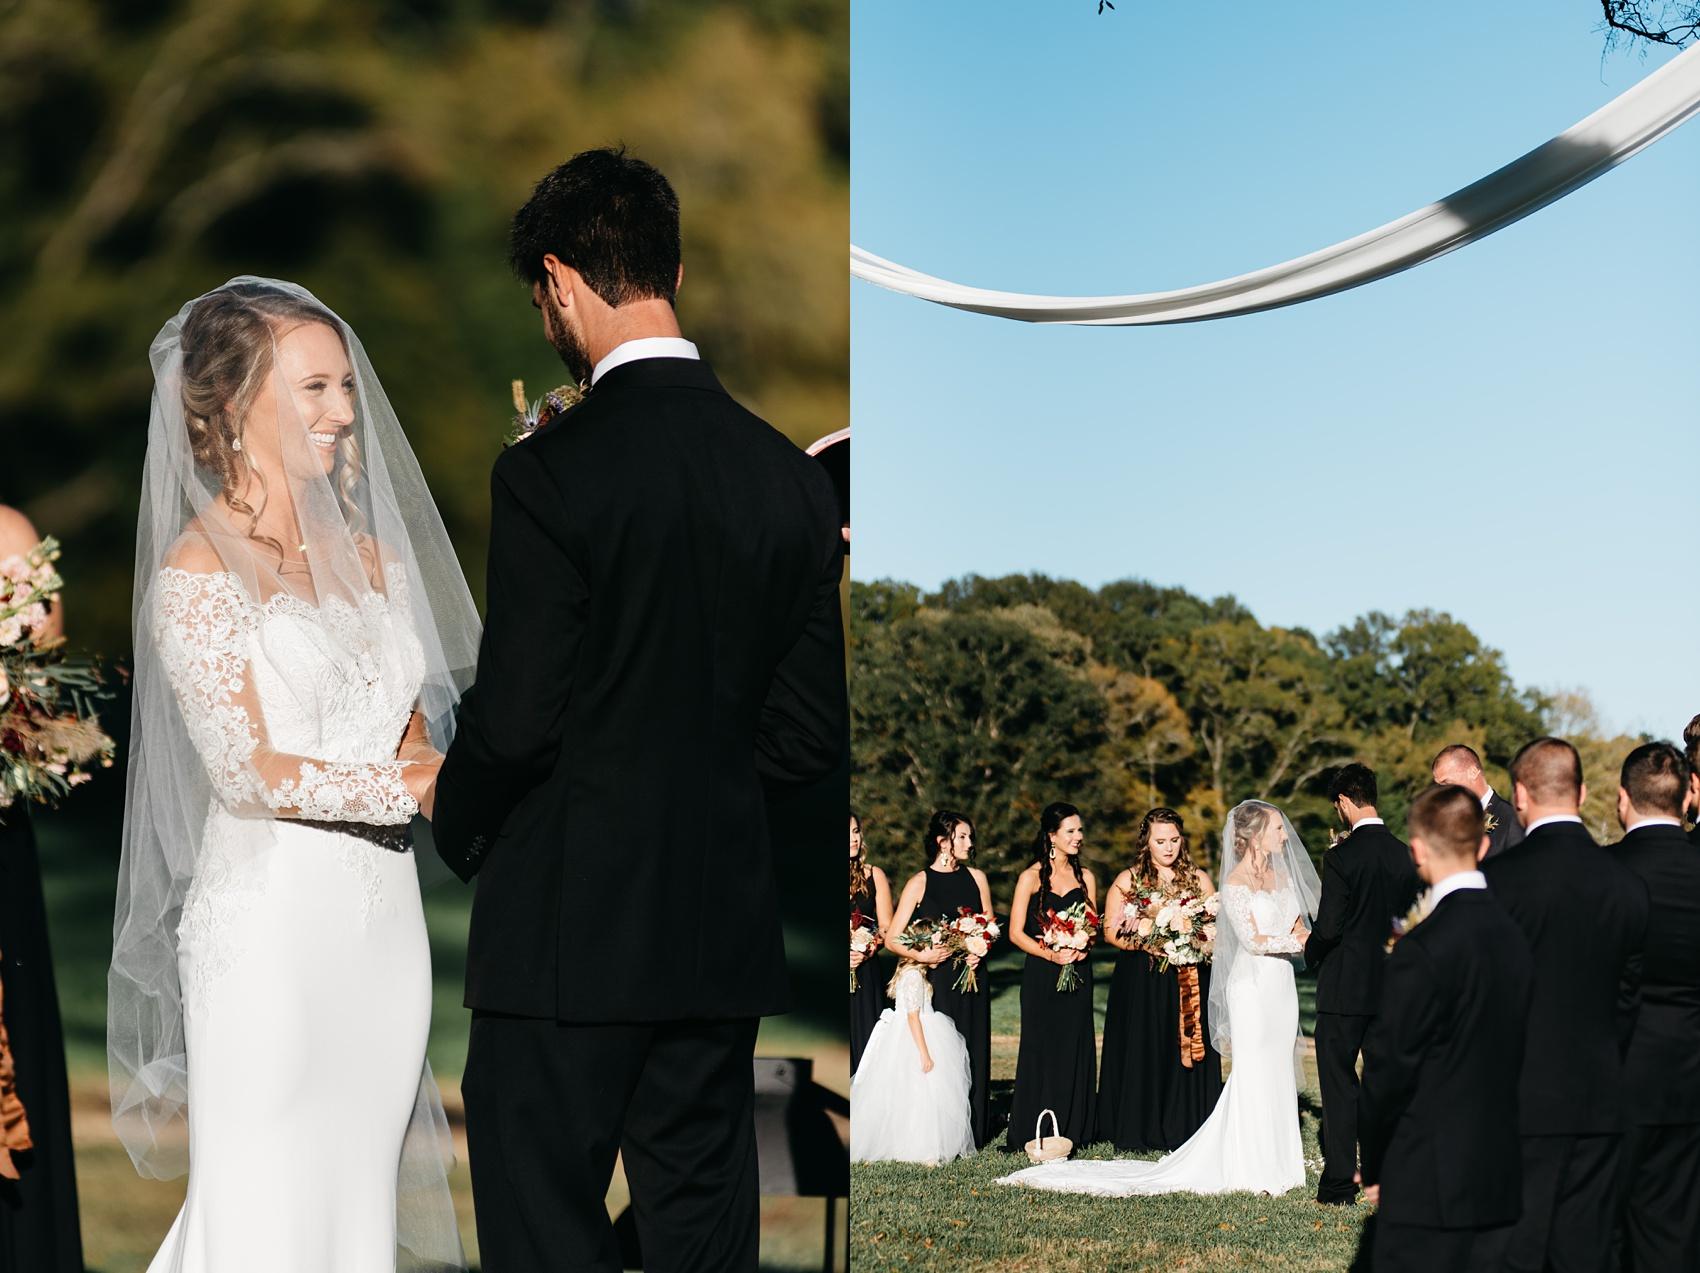 Tin roof farms, tin roof farms wedding, tin roof farms saluda, still co., aiken wedding photographer, aiken photographer, tin roof wedding